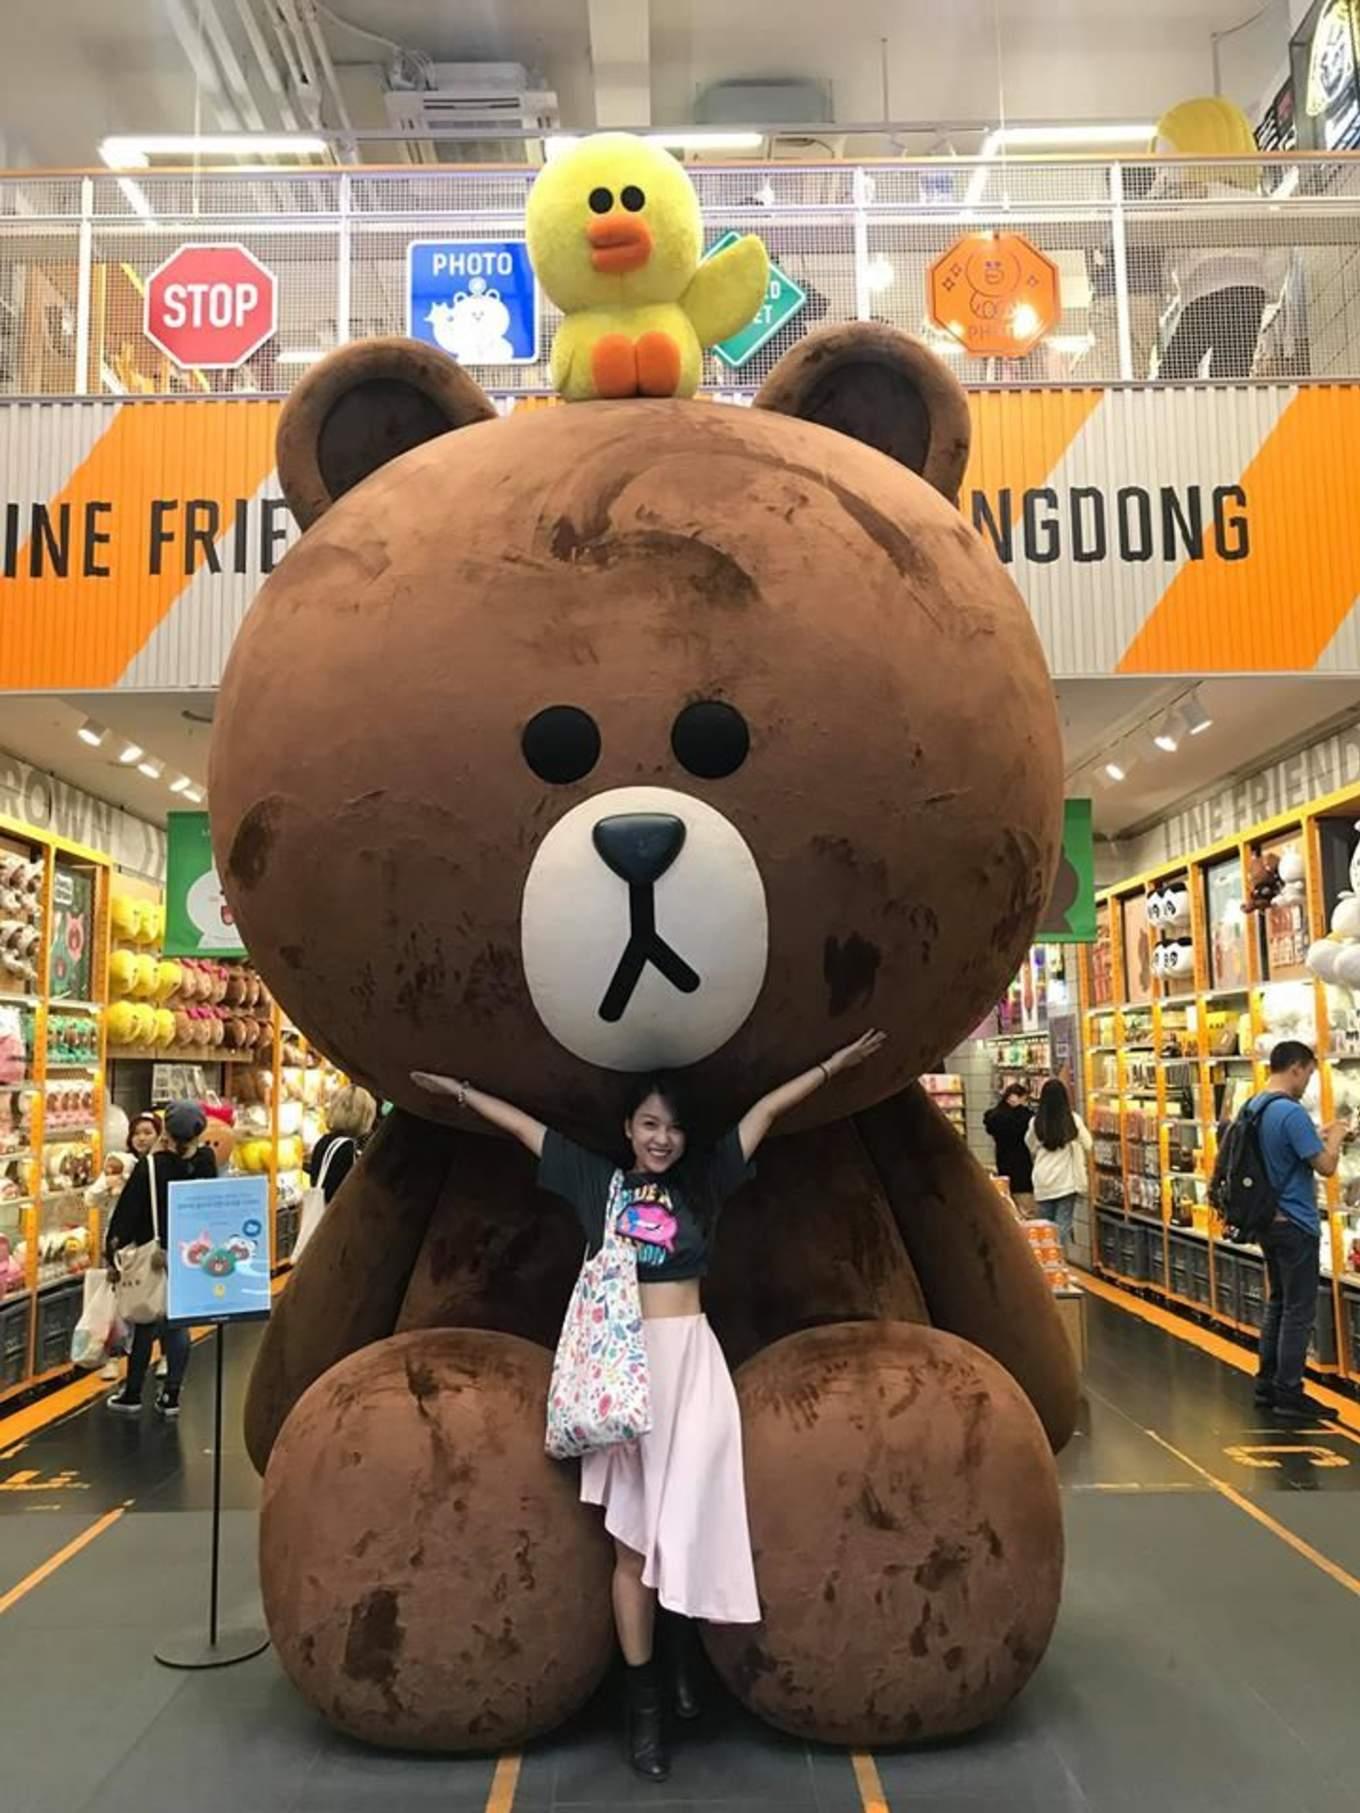 khu myeongdong là một trong những nơi mua sắm ở seoul